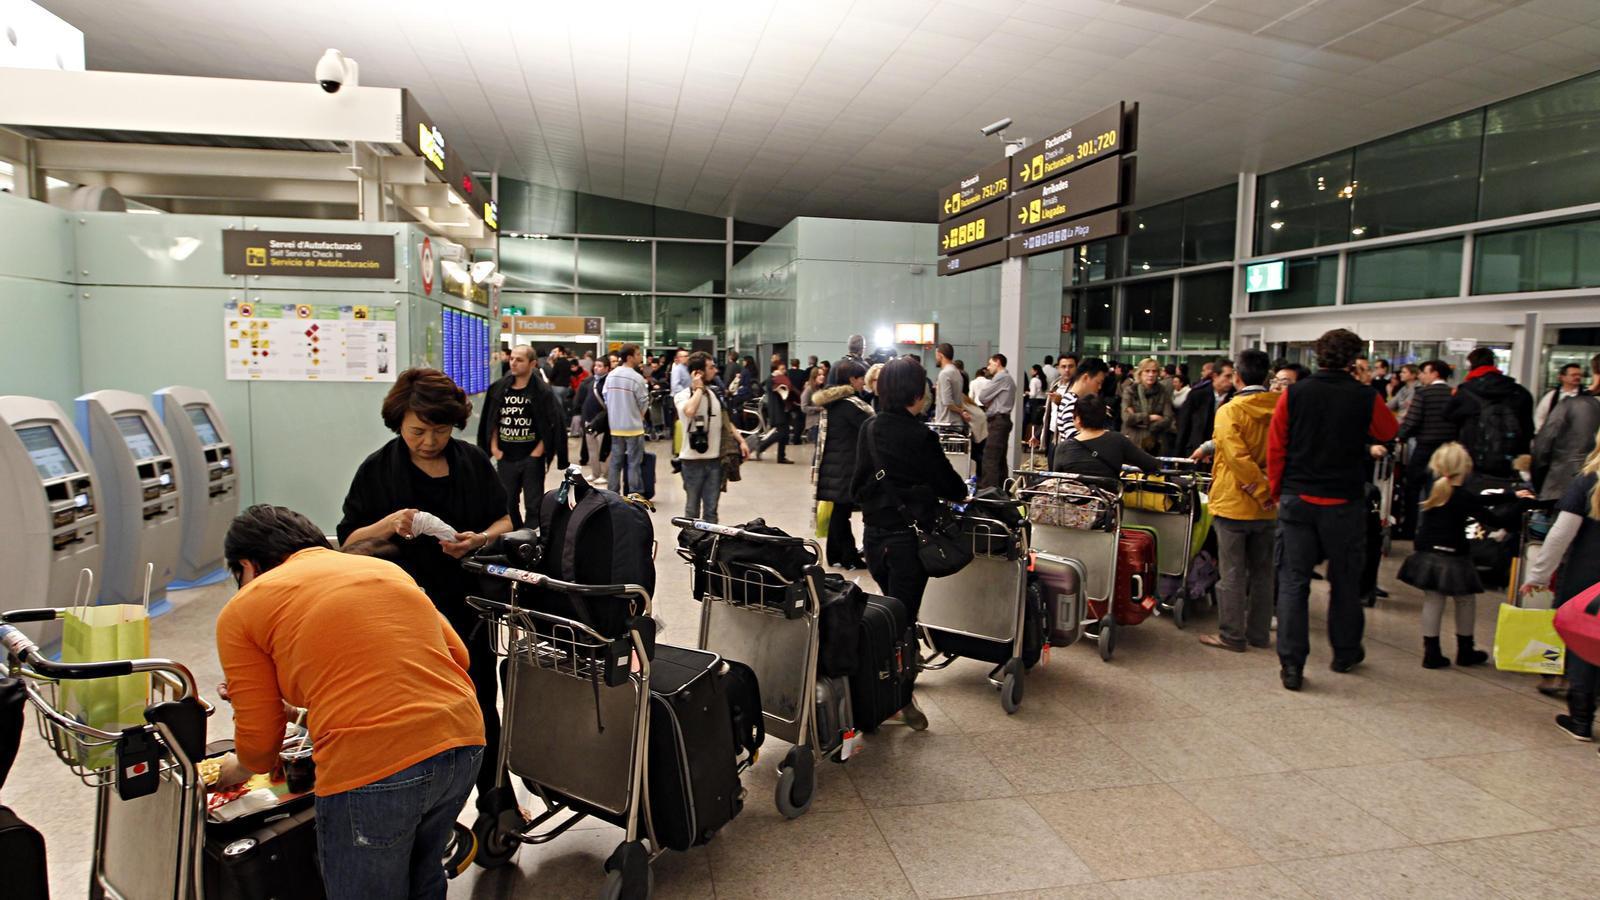 Passatgers fent cua a l'aeroport del Prat. Foto: XAVIER BERTRAL